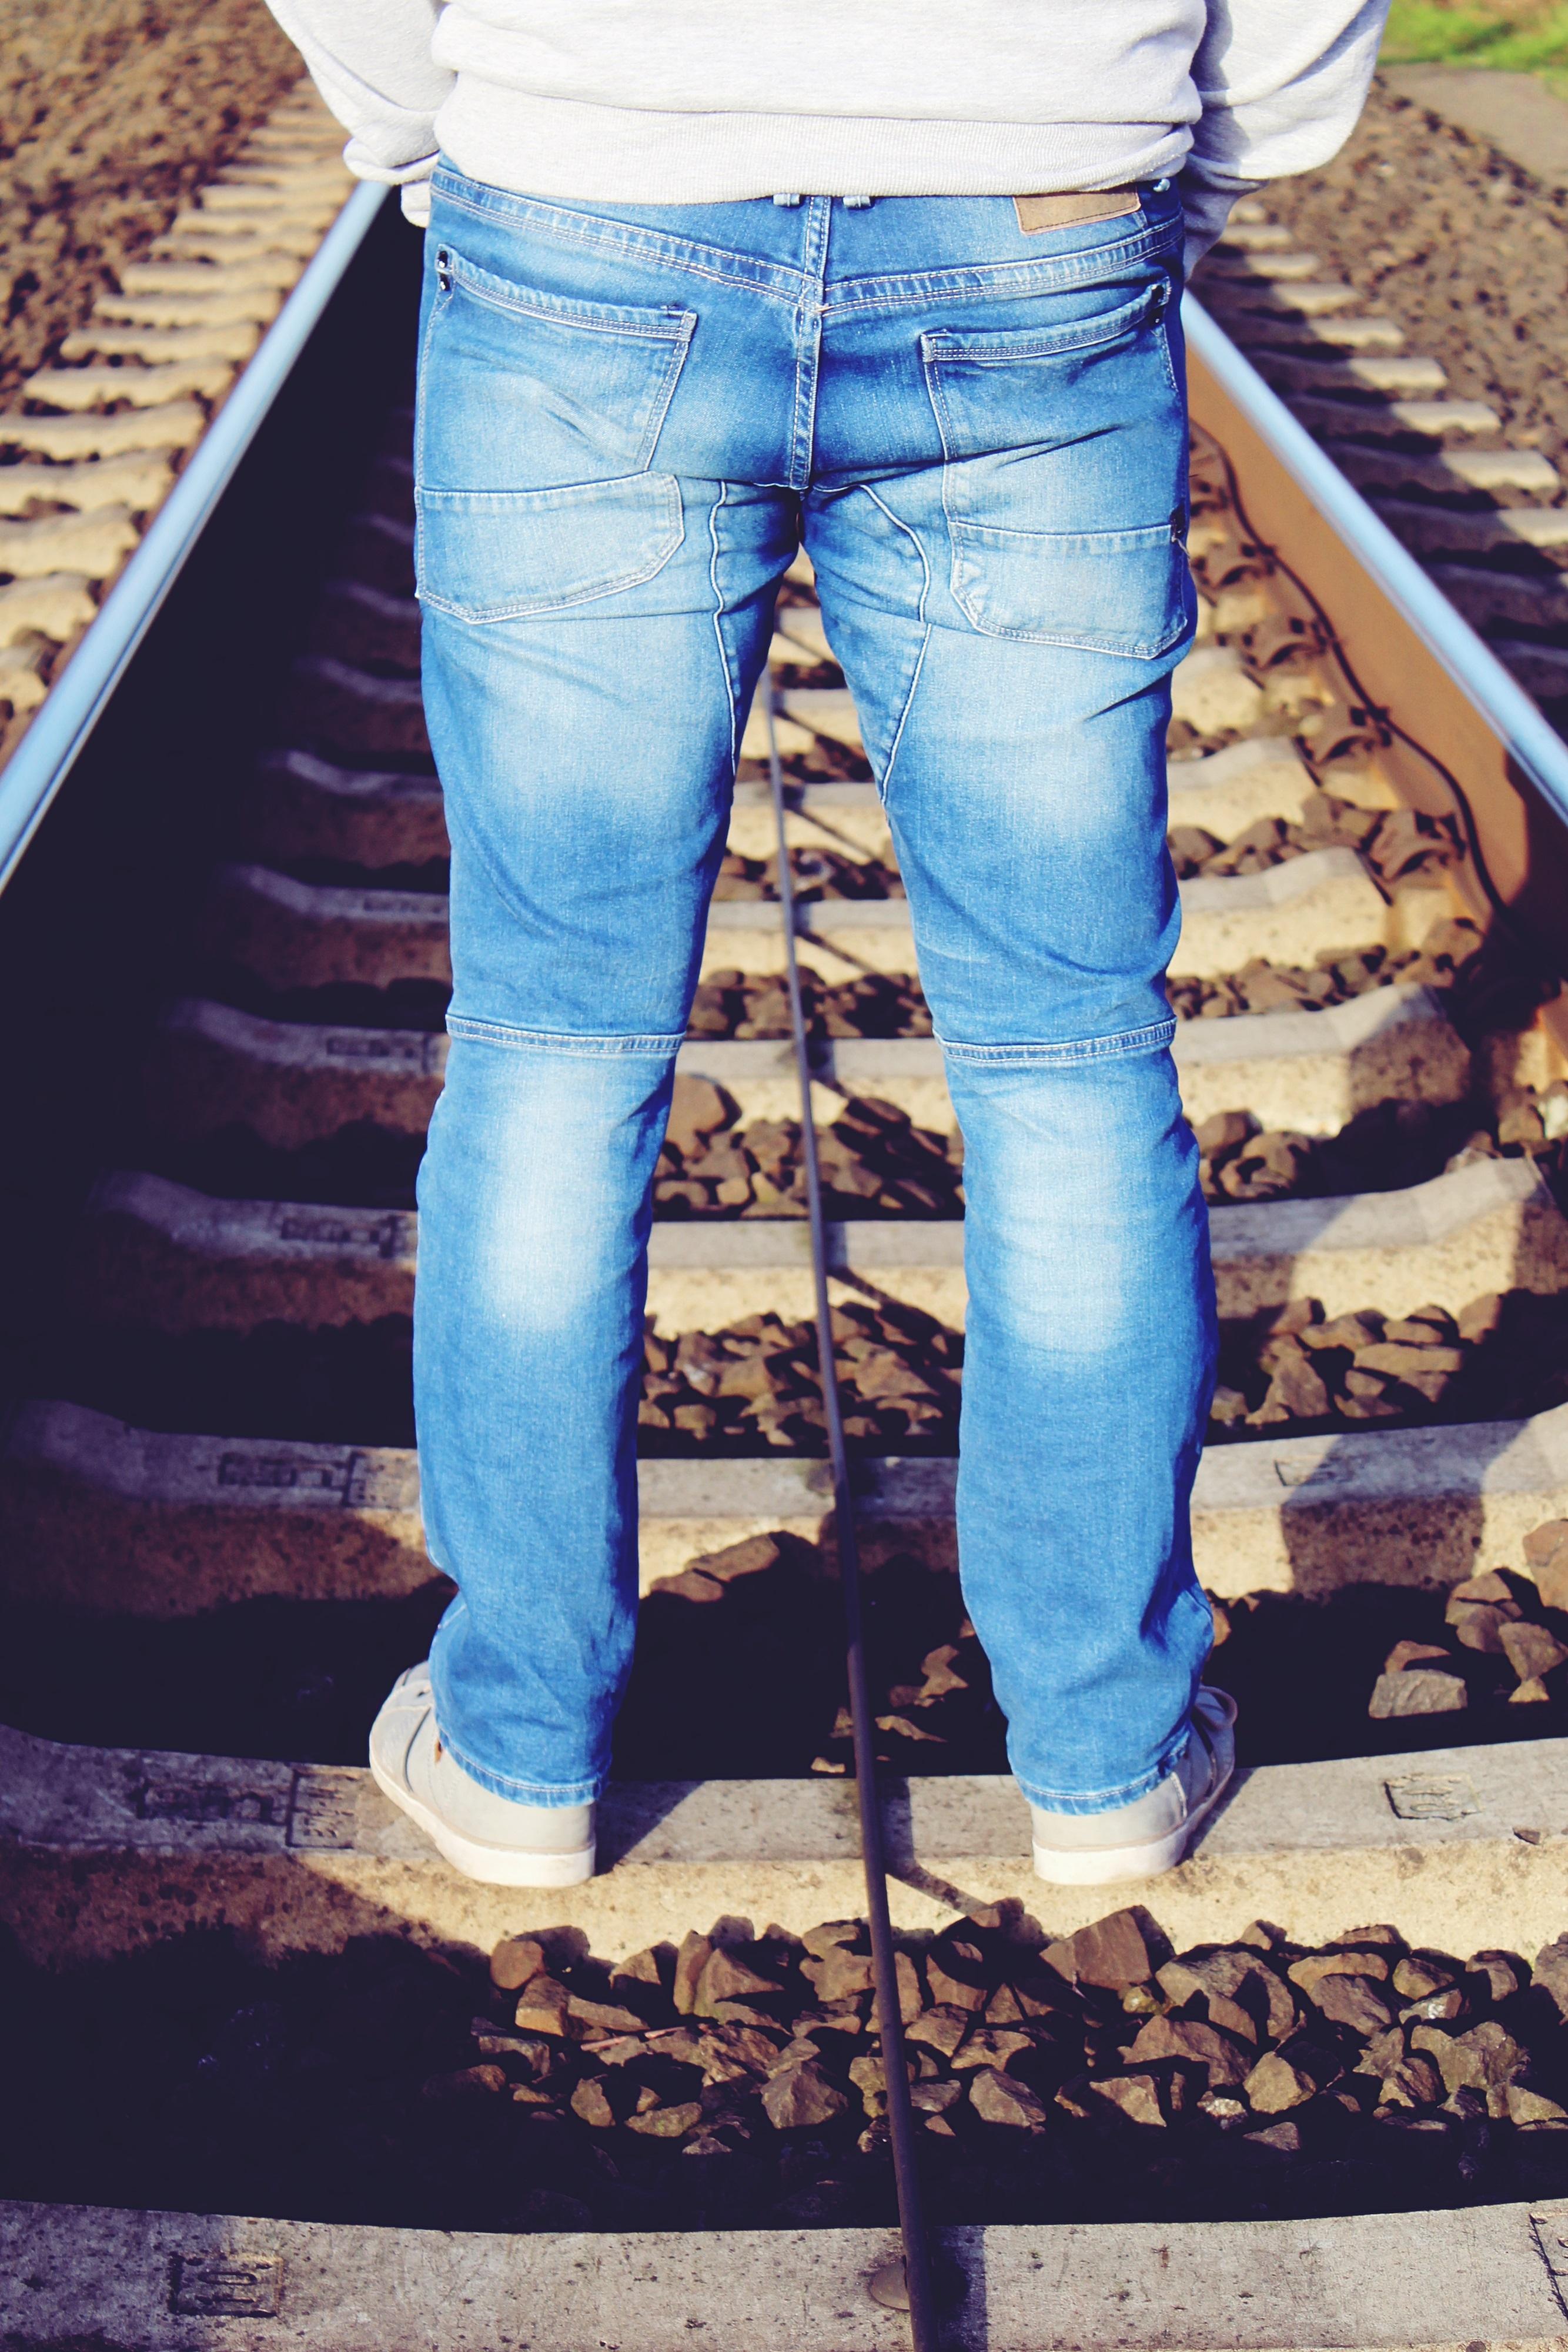 Fotos Gratis Hombre Naturaleza Persona Frio Invierno Sol Carril Solo Pantalones Otono Humano Azul Descanso Ropa Pensativo Solitario Mezclilla Textil Soleado Piernas Espere Silencio 2667x4000 833672 Imagenes Gratis Pxhere